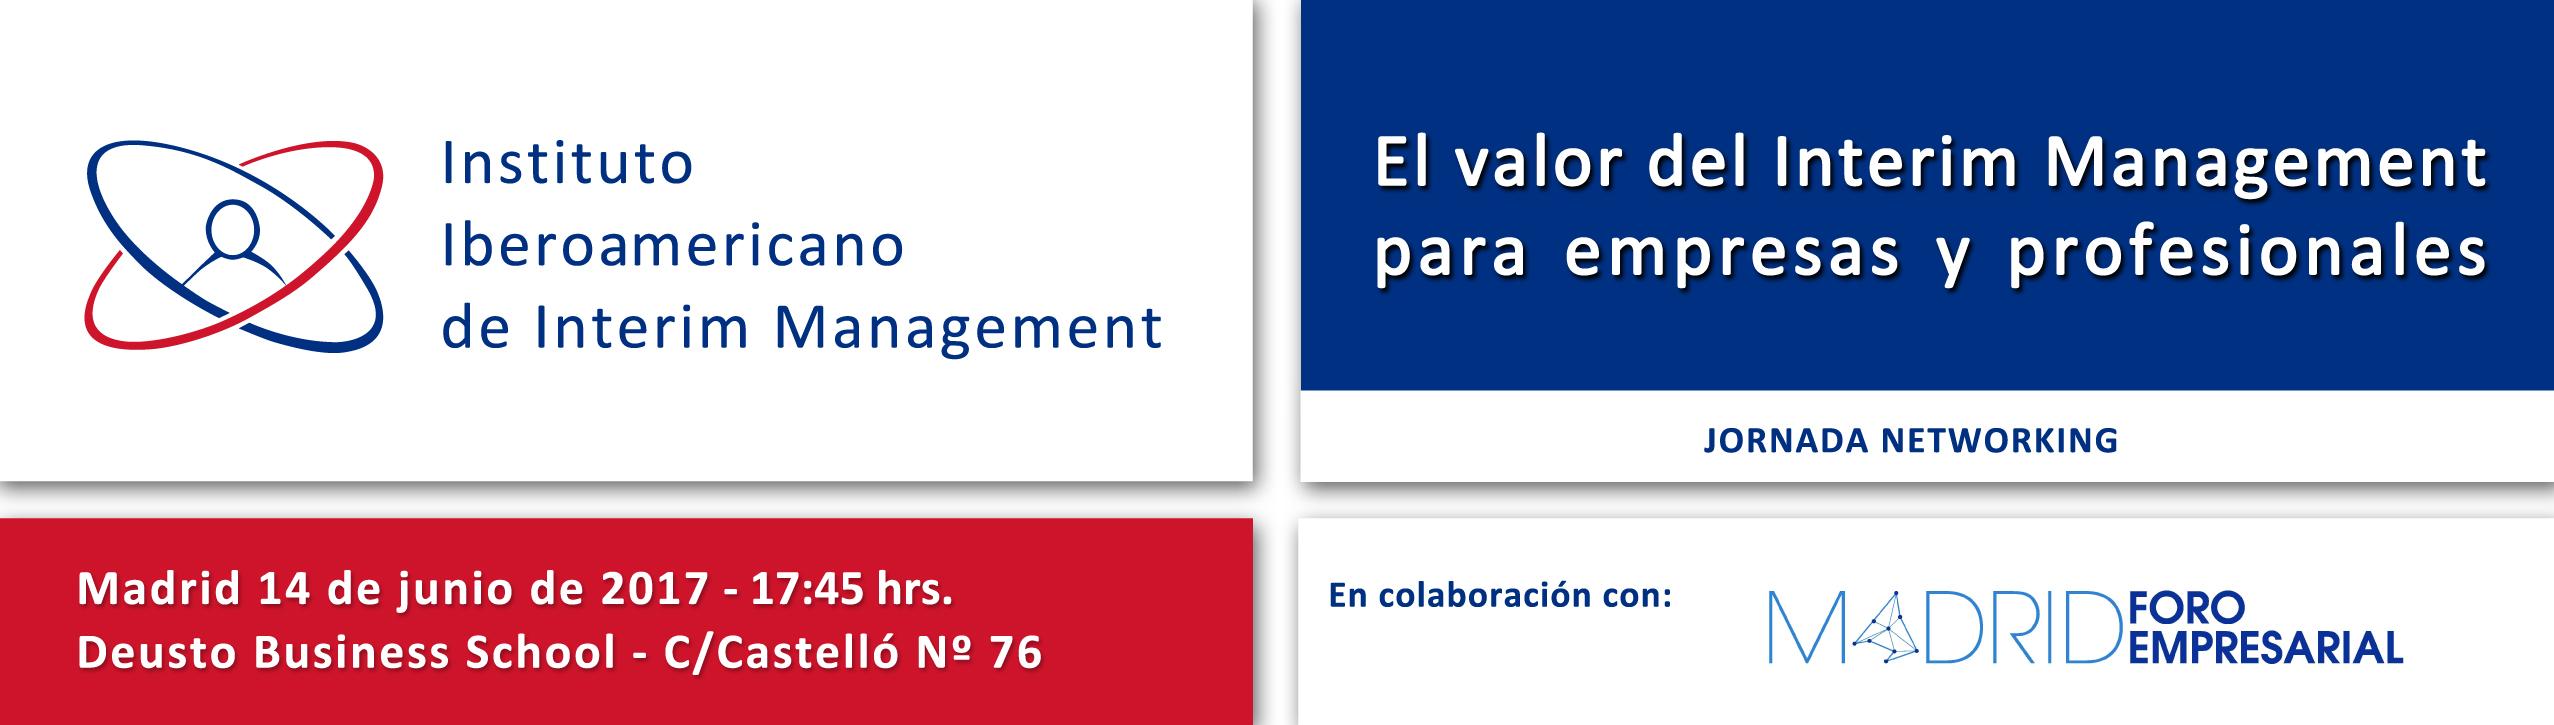 El valor del interim management para empresas y profesionales